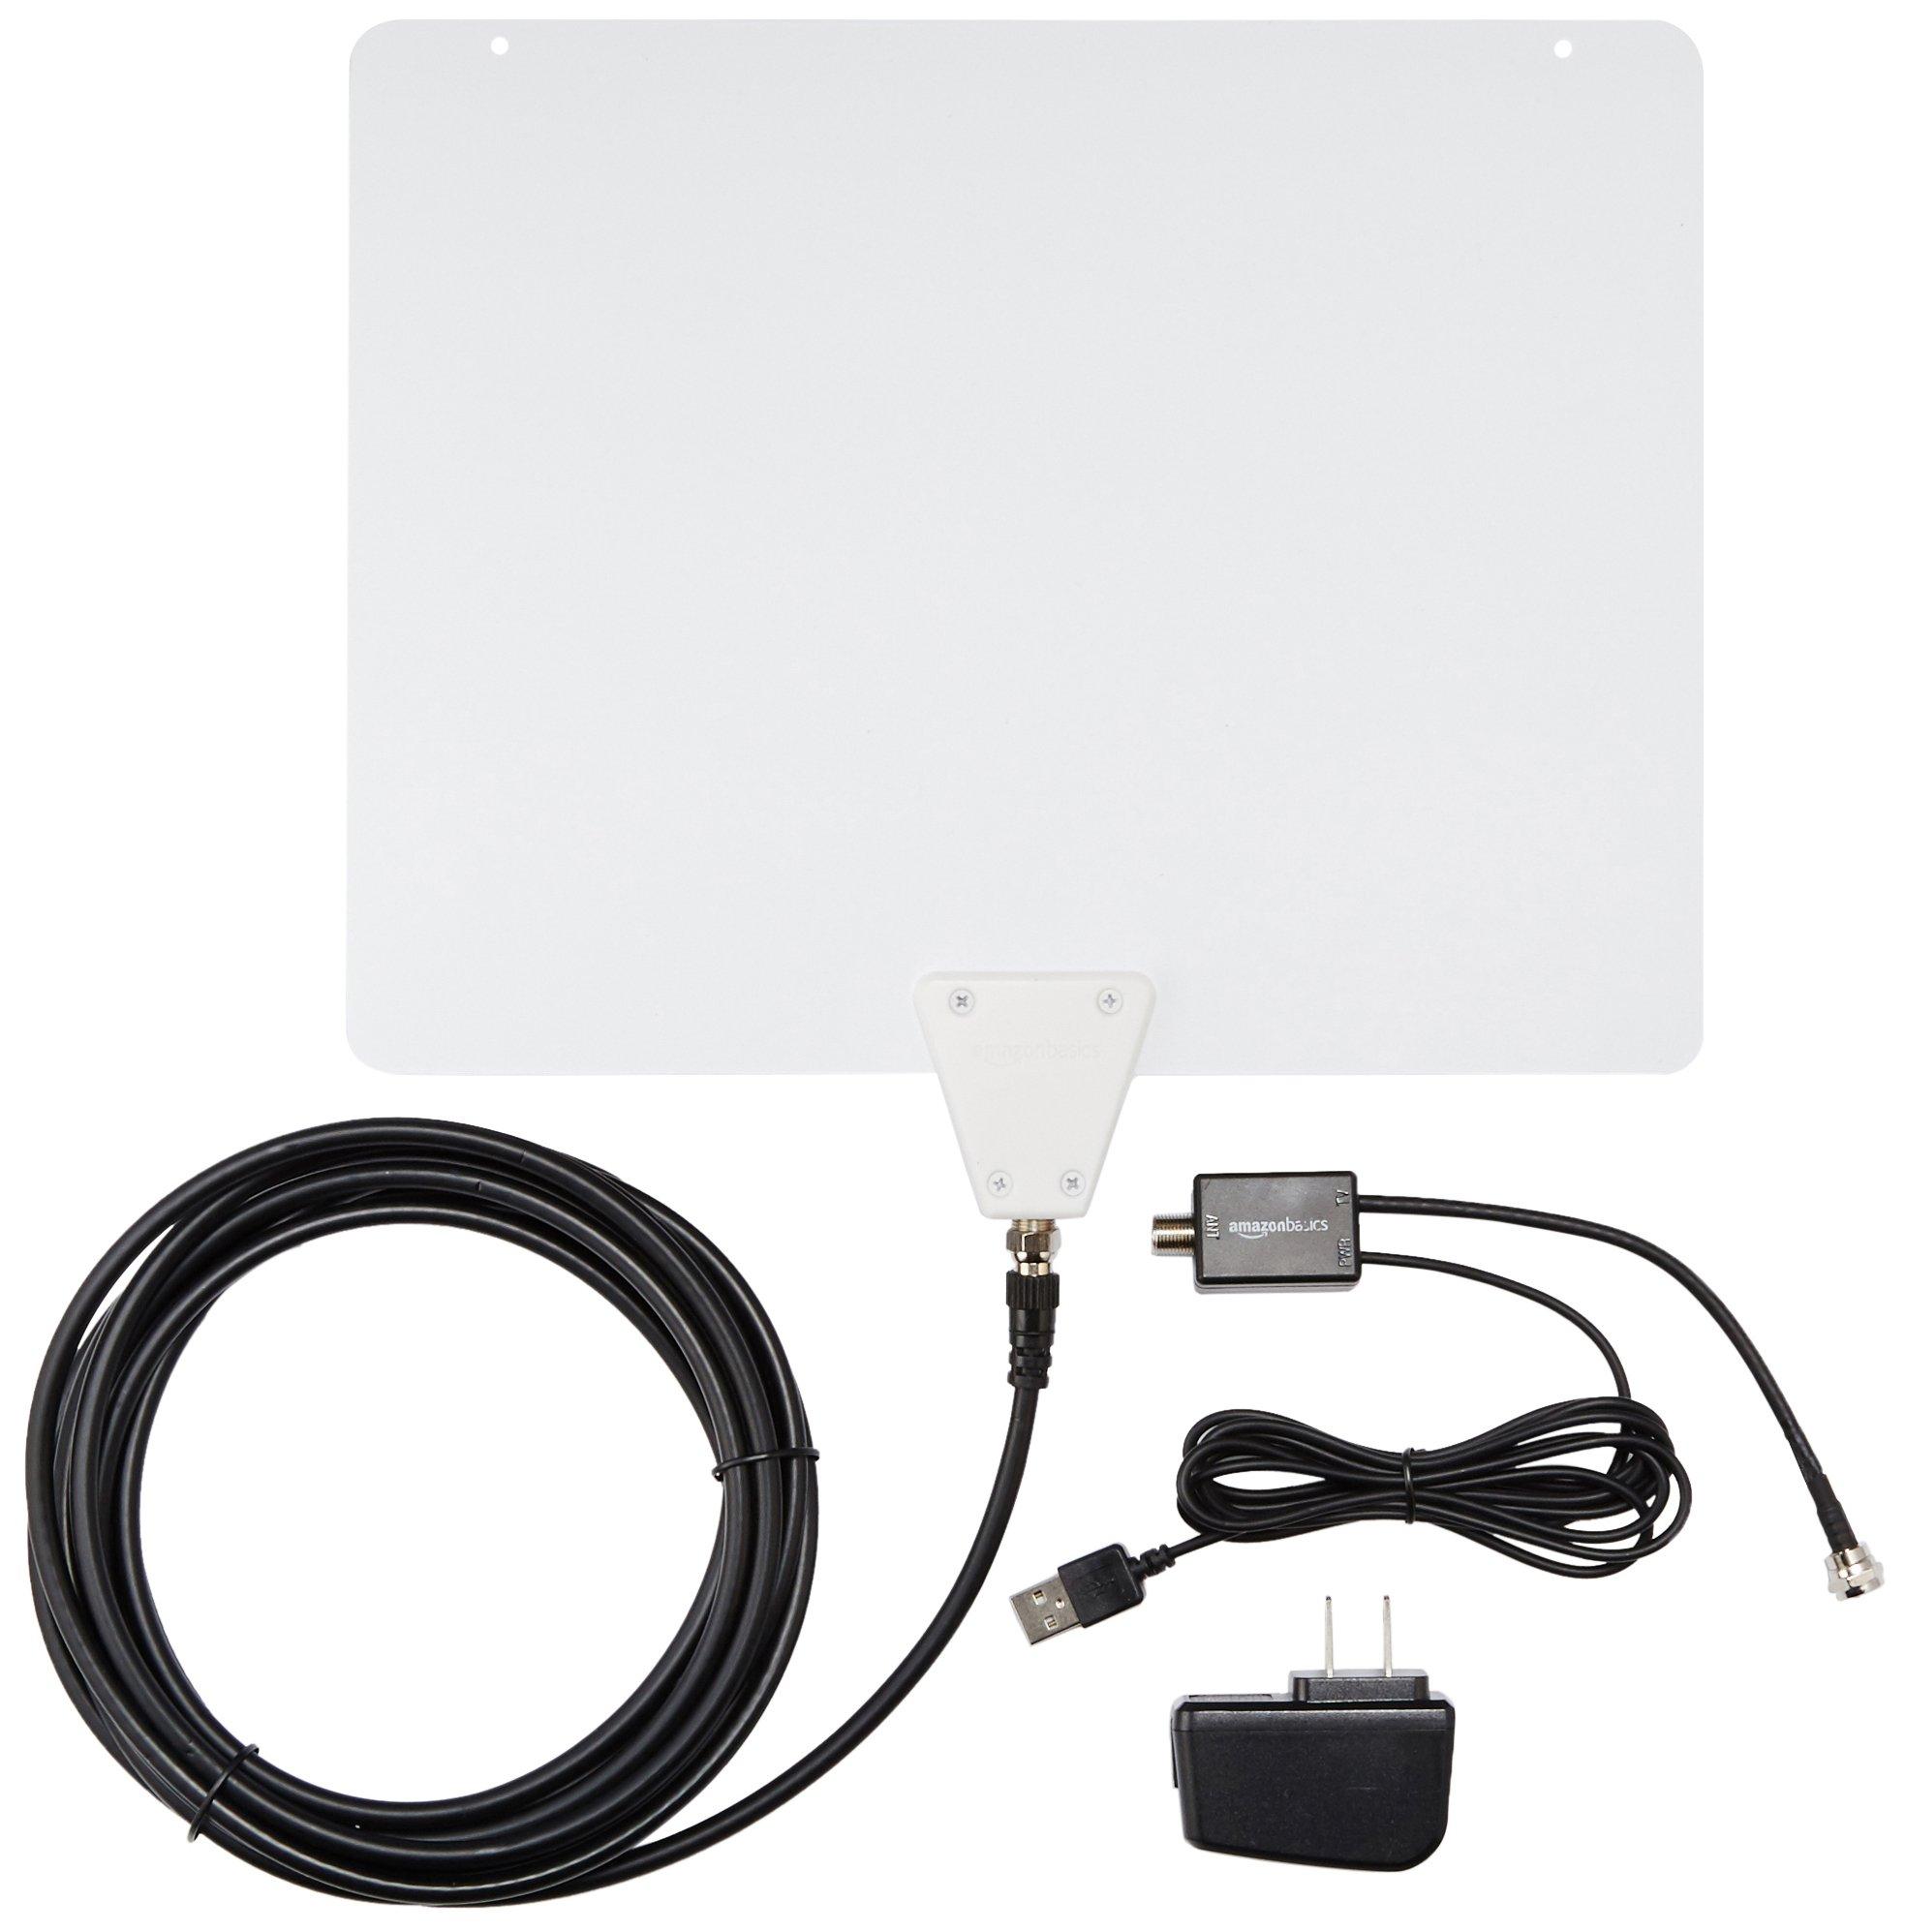 AmazonBasics Ultra Thin Indoor TV Antenna - 50 Mile Range